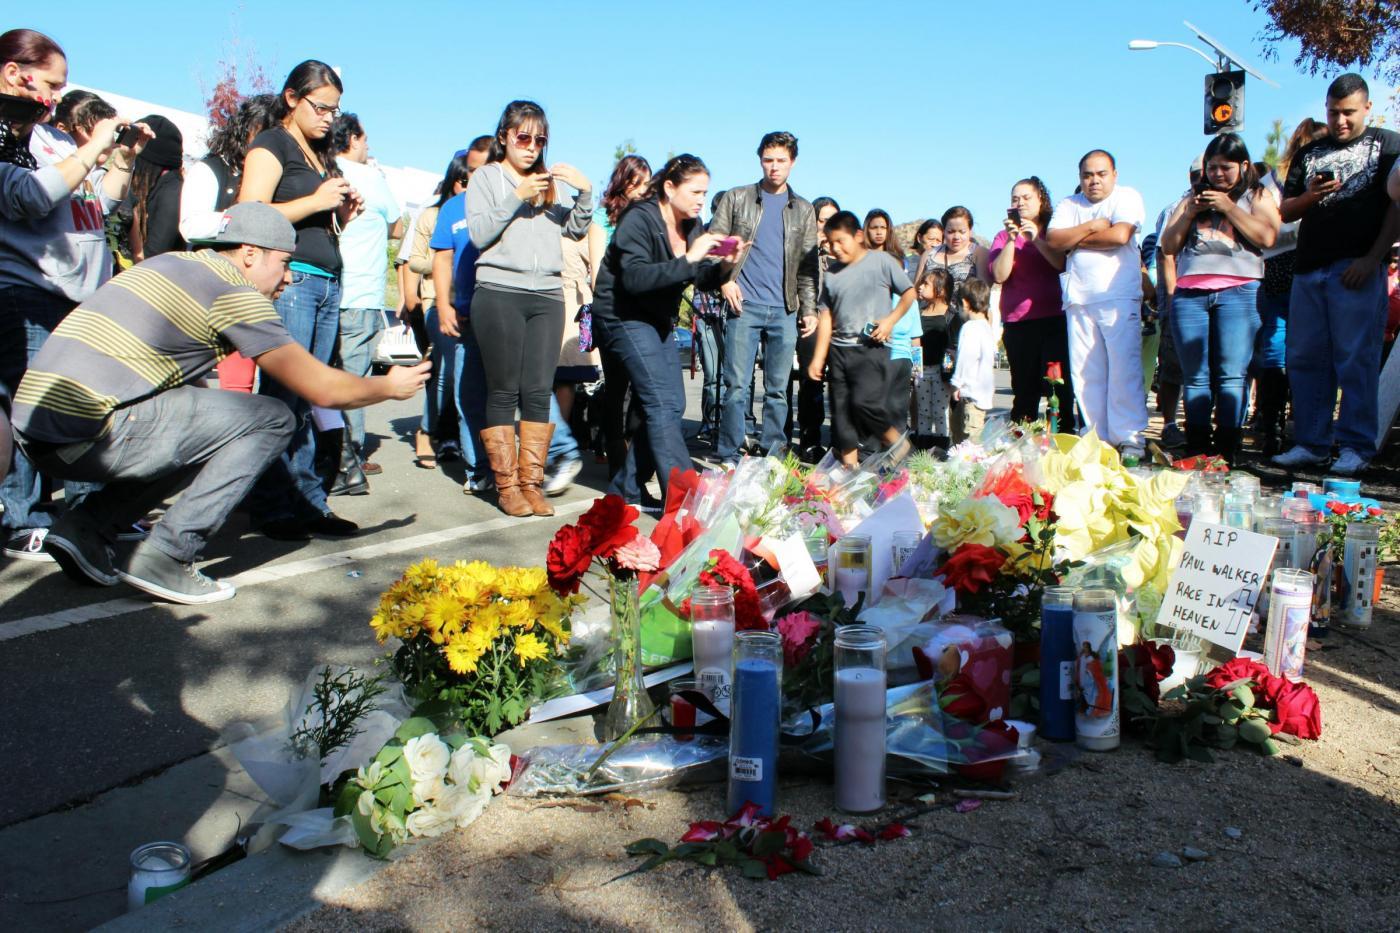 Paul Walker, il dolore dei fan: fiori e candele sul luogo della sua morte02